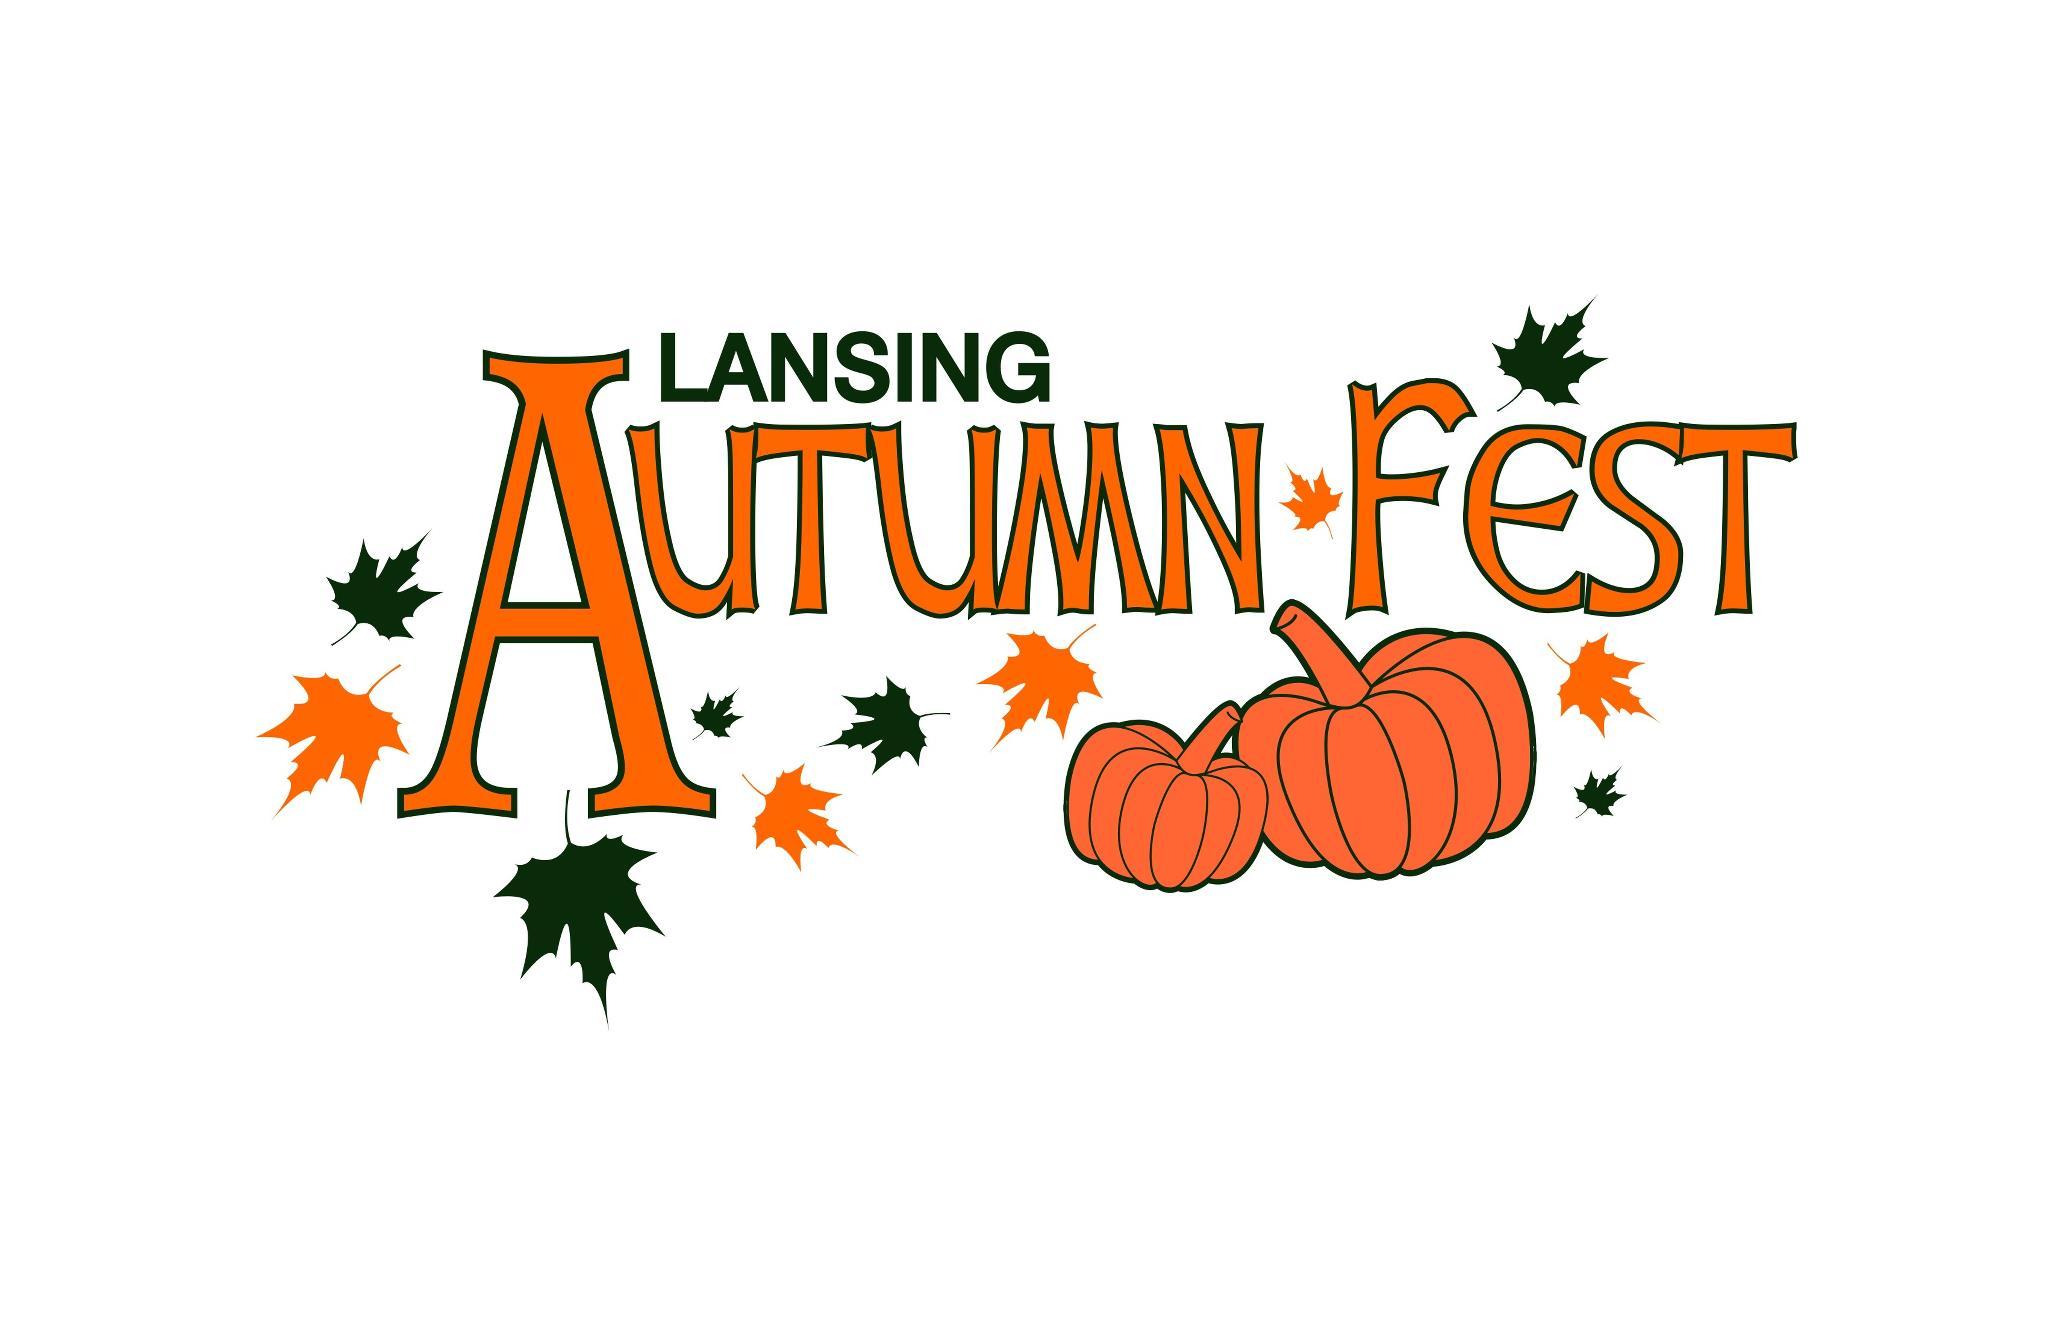 lansing autumn fest